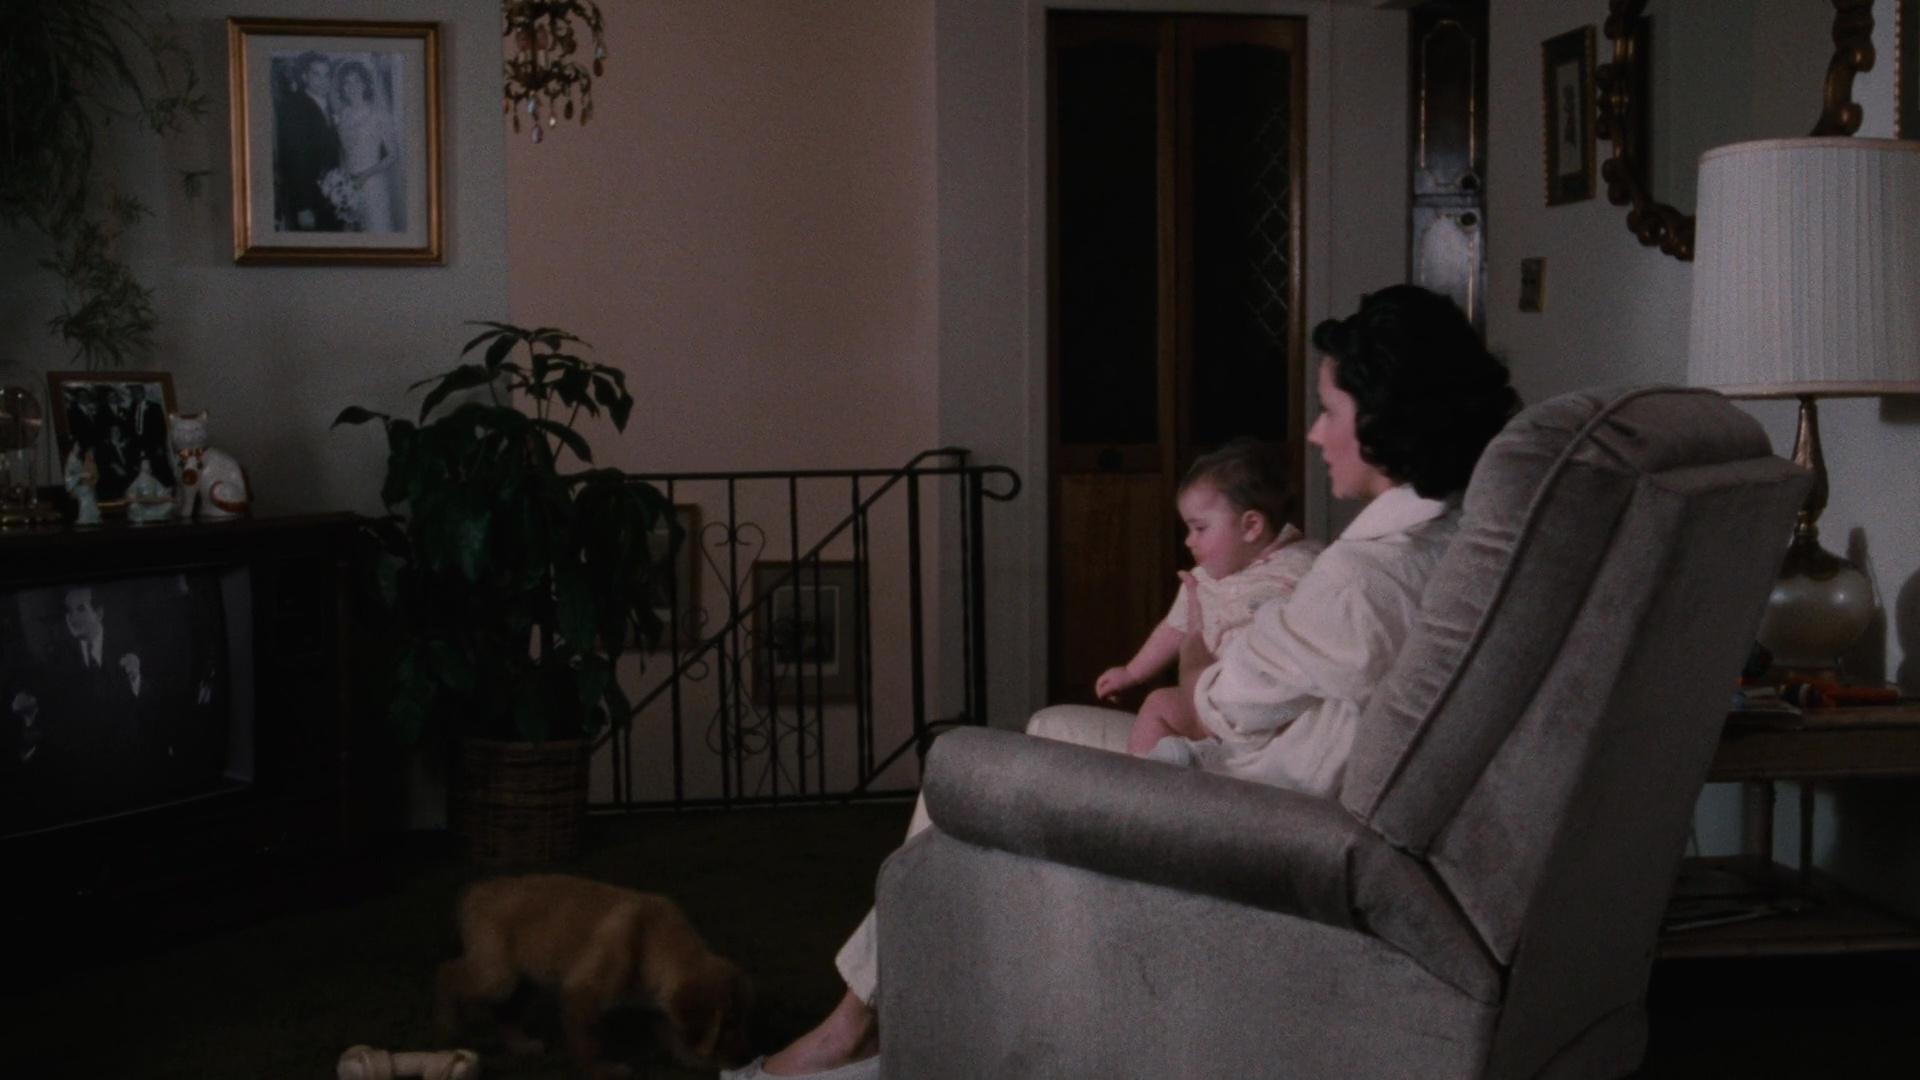 Goodfellas film still 1